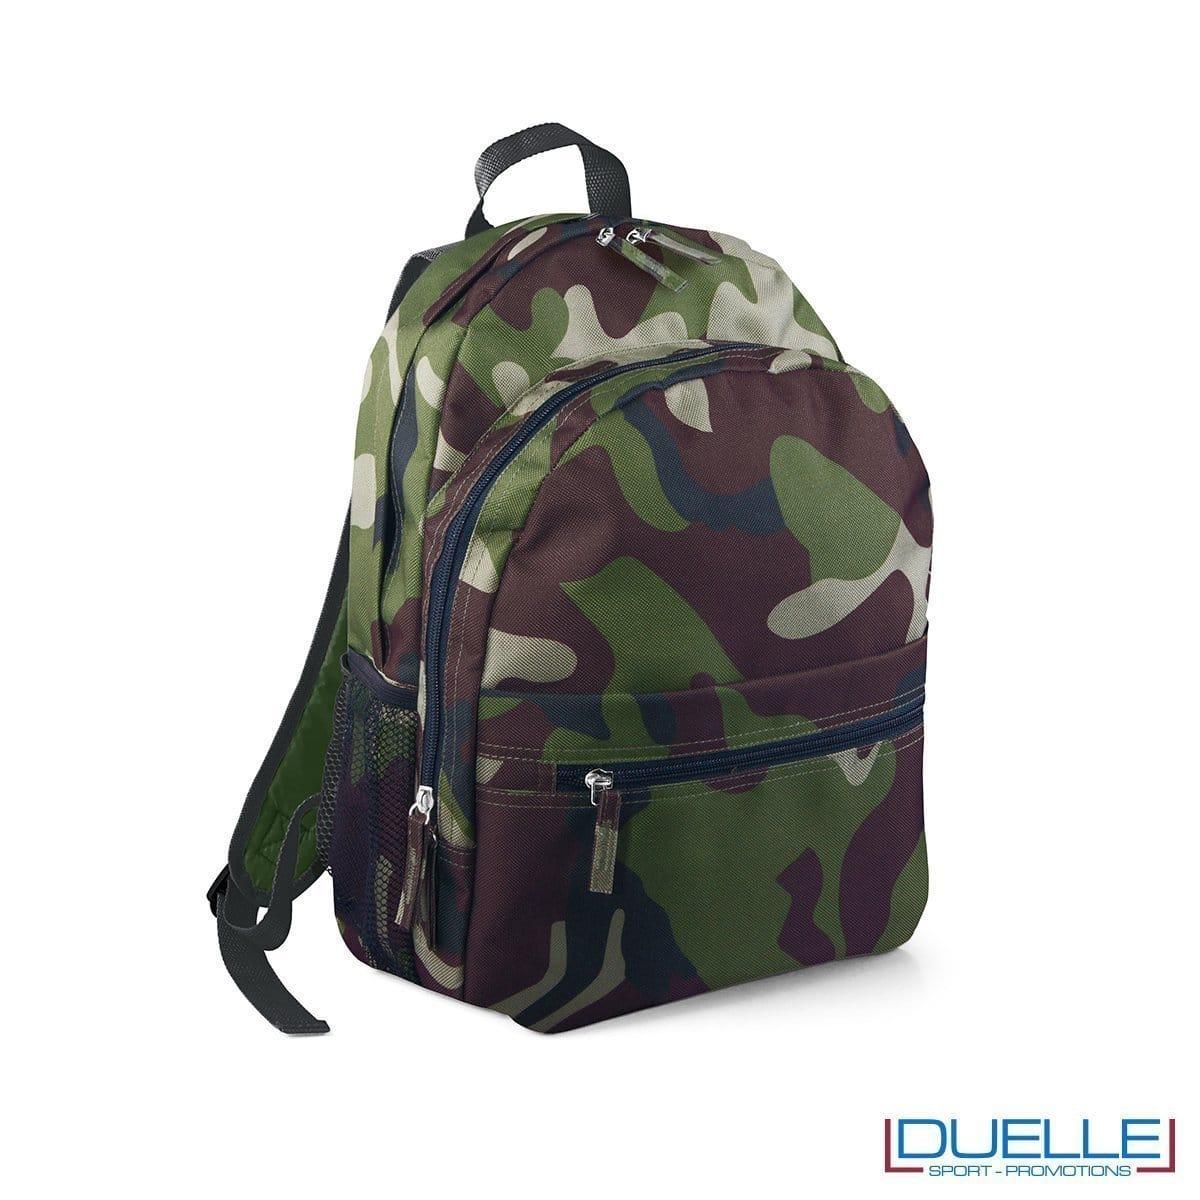 zaino personalizzato militare, zaino per lo sport e il tempo libero camouflage - zaino economico personalizzato